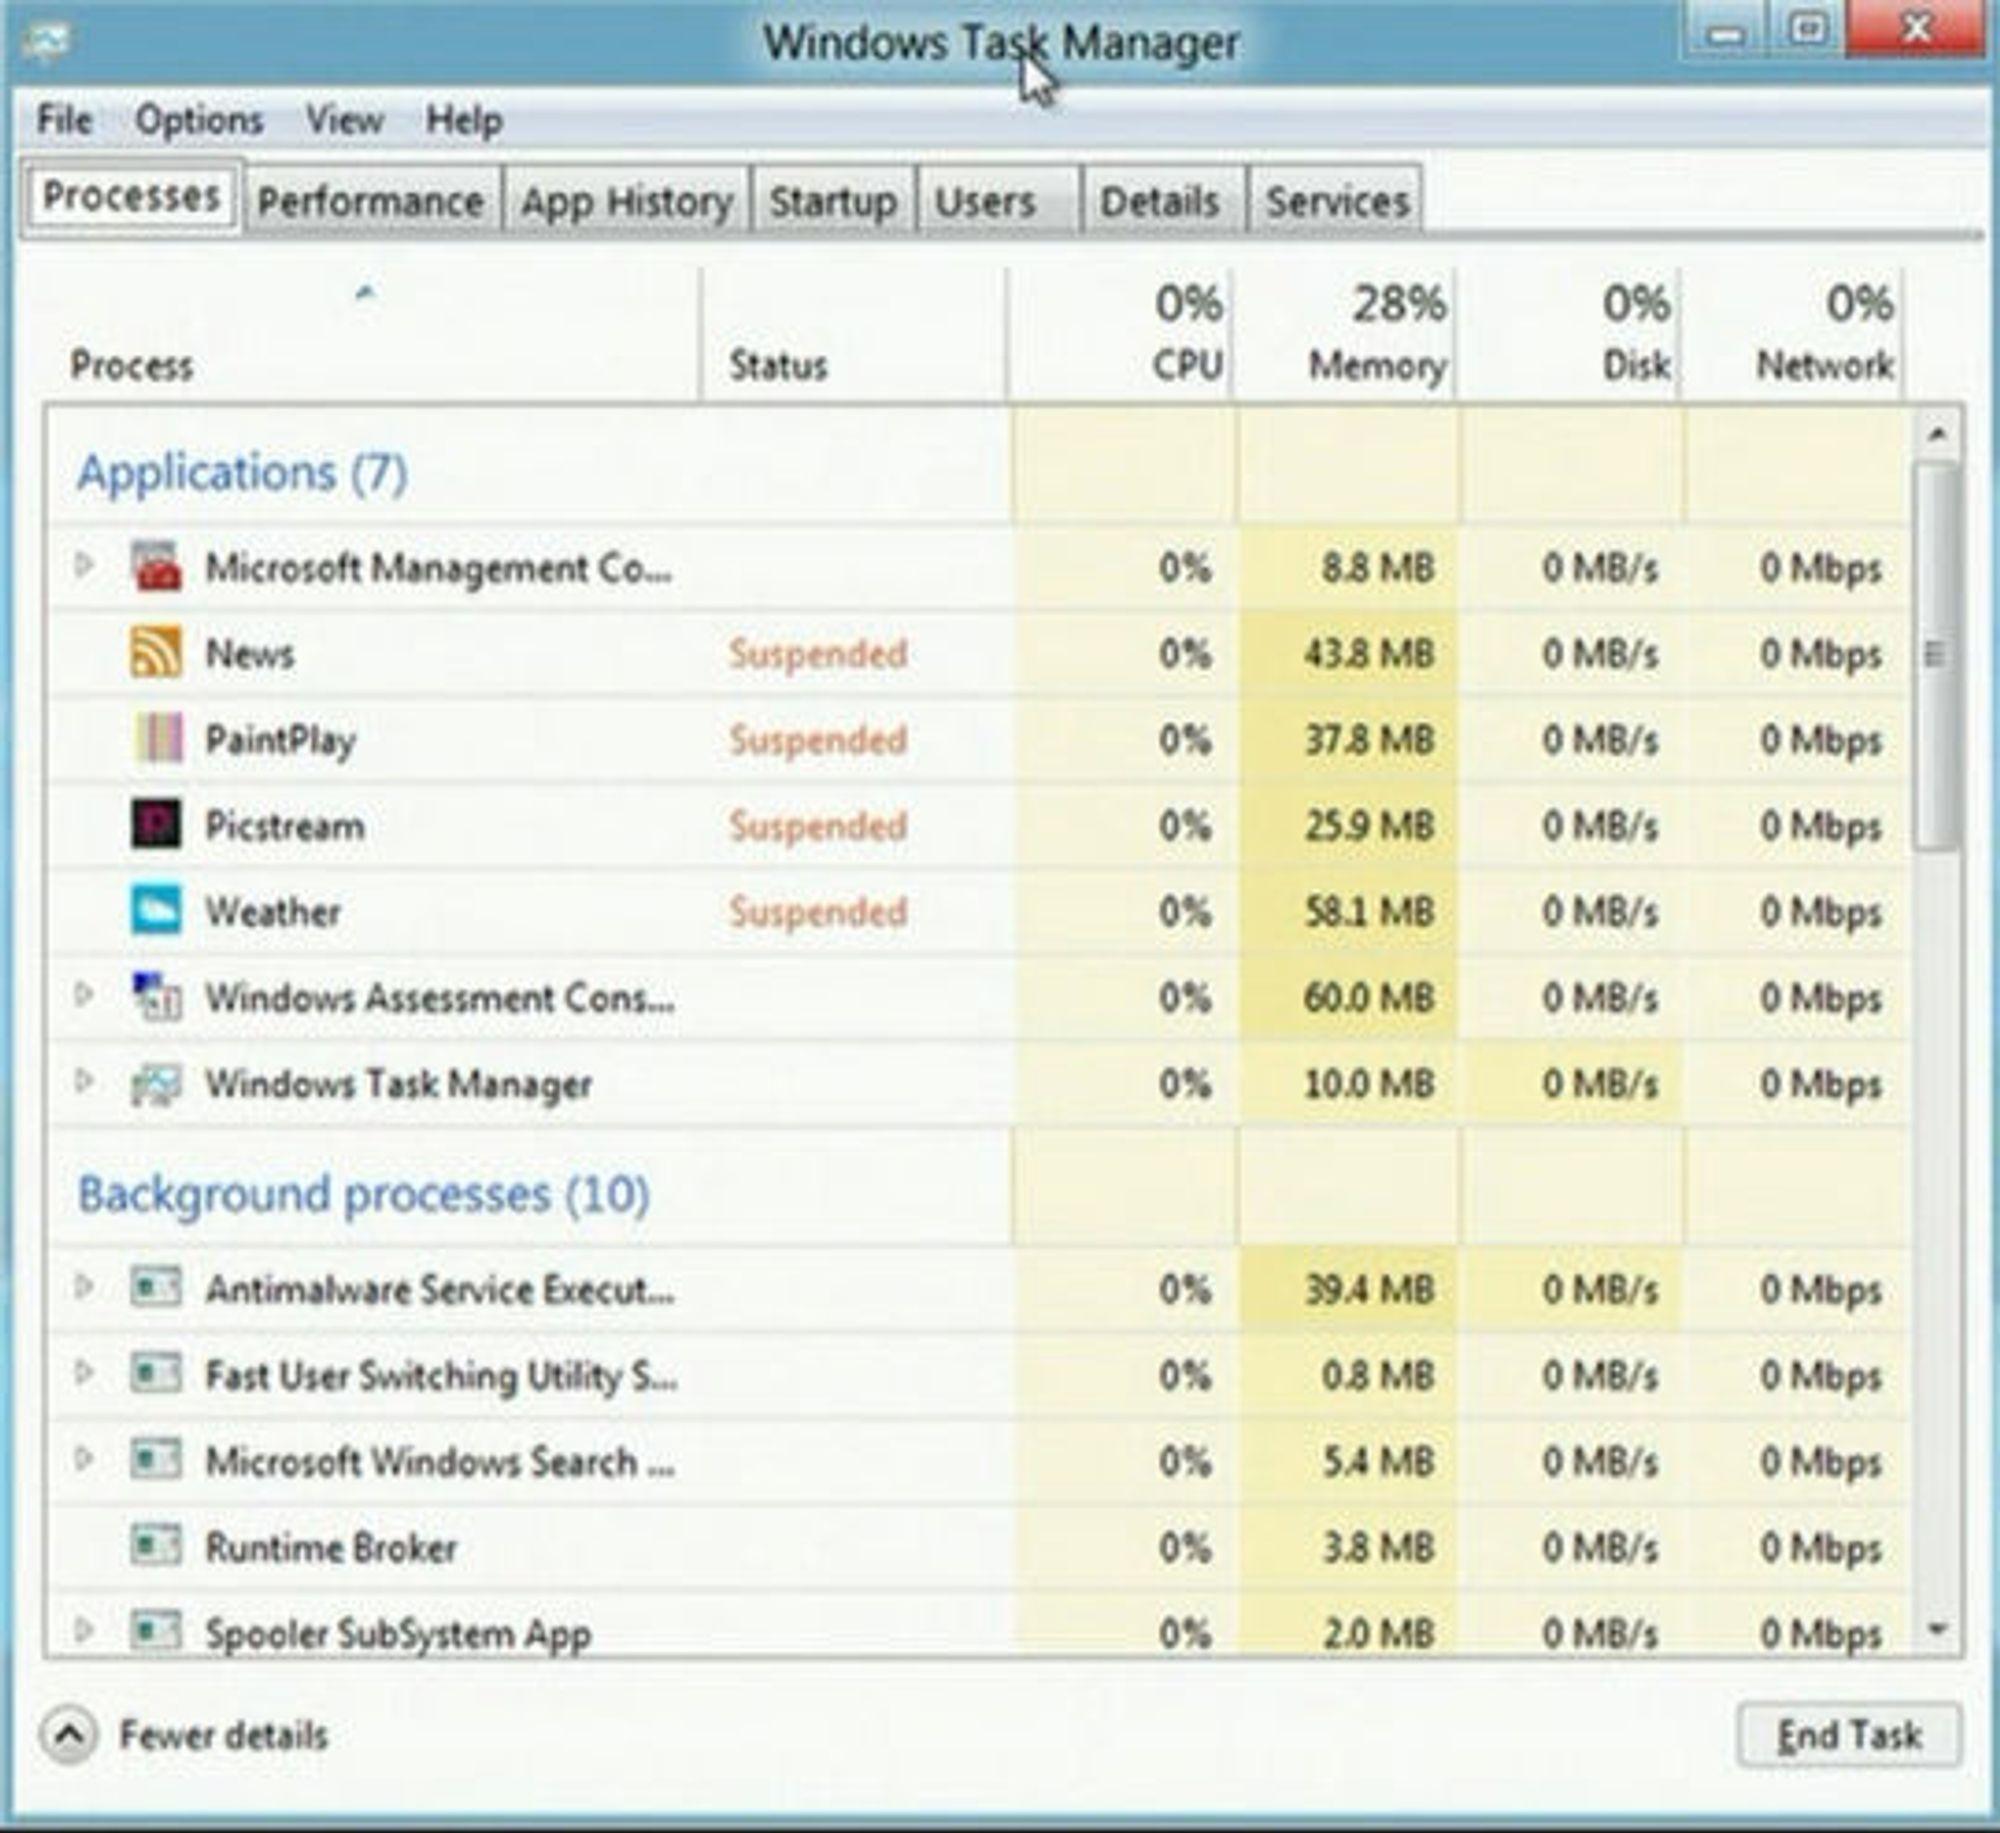 Windows 8 får en forbedret oppgavebehandler, hvor man blant annet kan se historiske data om hvilke ressurser ulike applikasjoner har brukt.